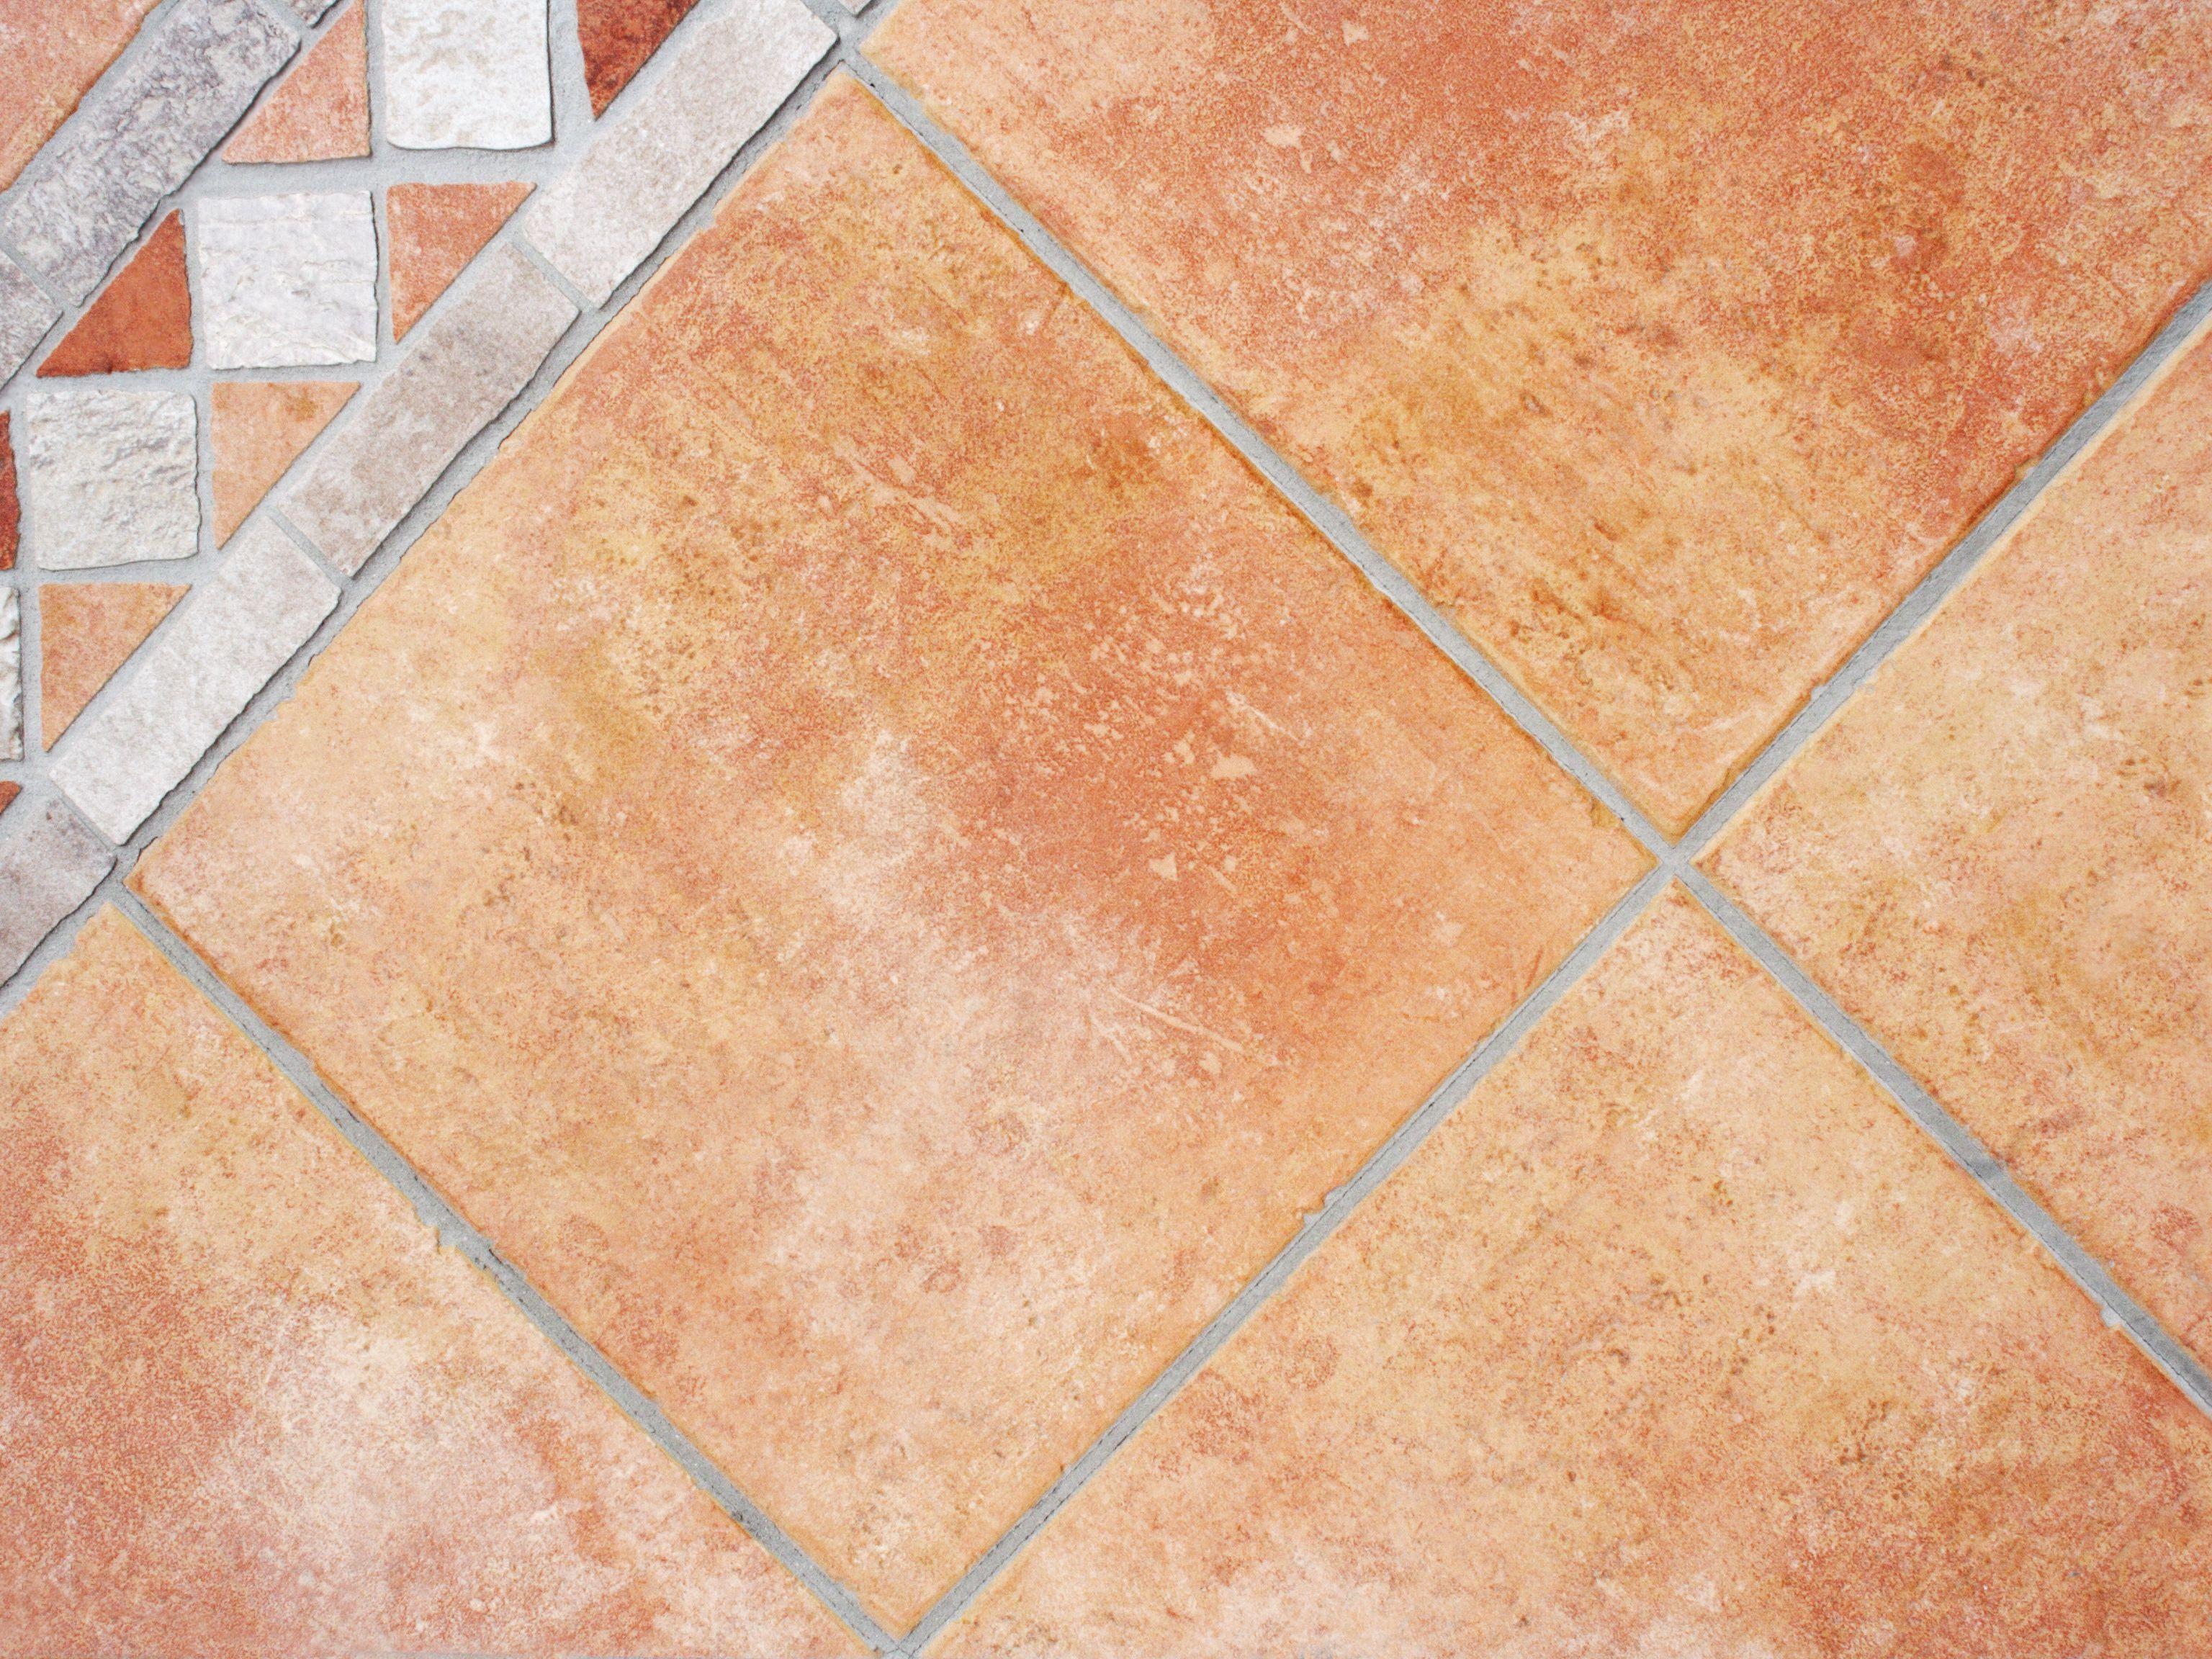 faux terra cotta floor on concrete